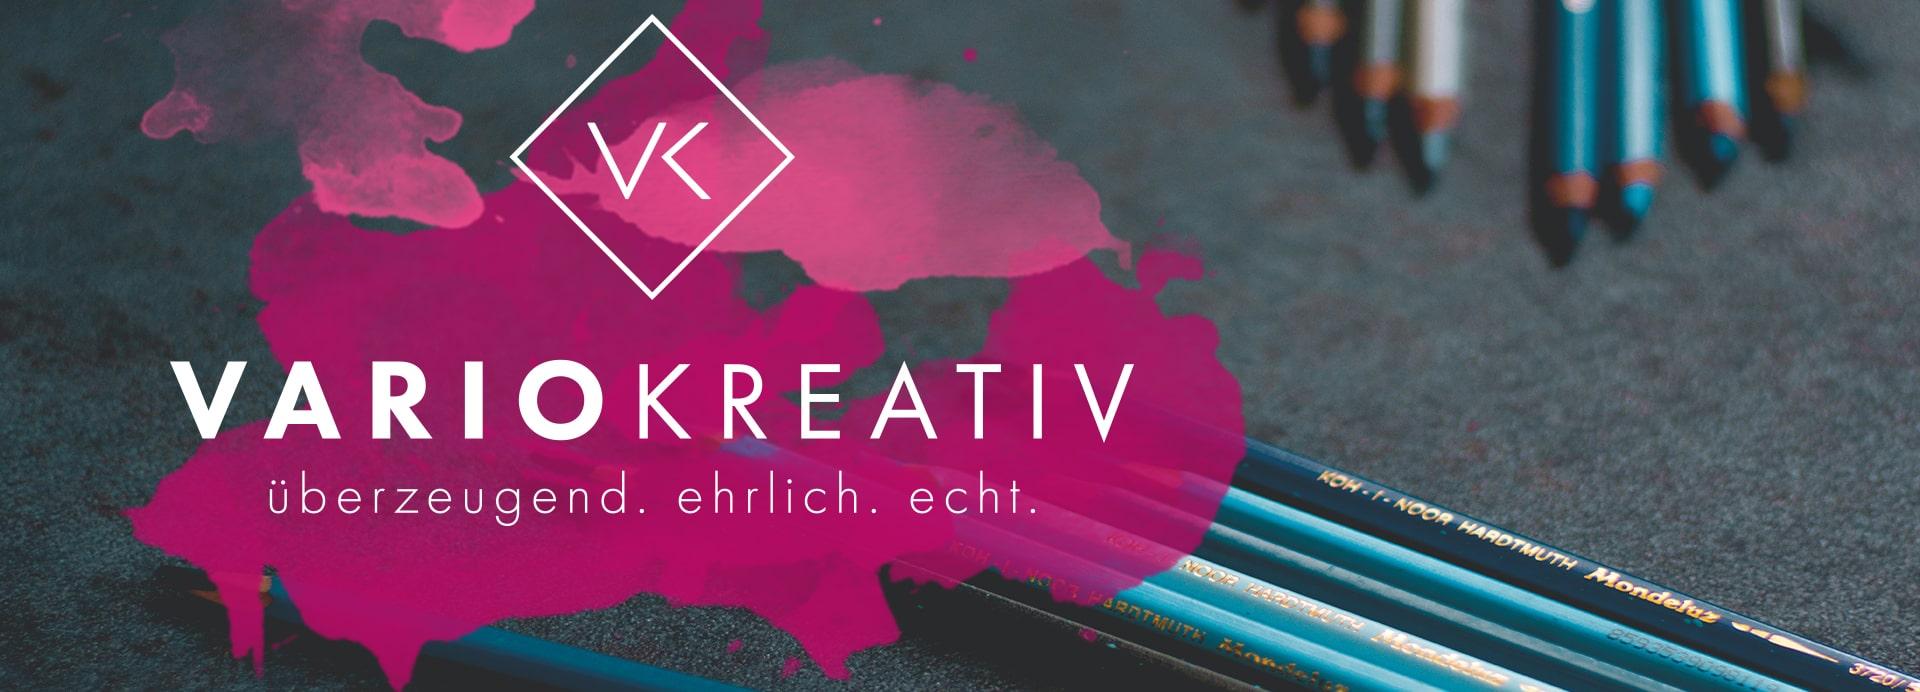 Werbeagentur VARIO KREATIV aus Neuwied Headerbild